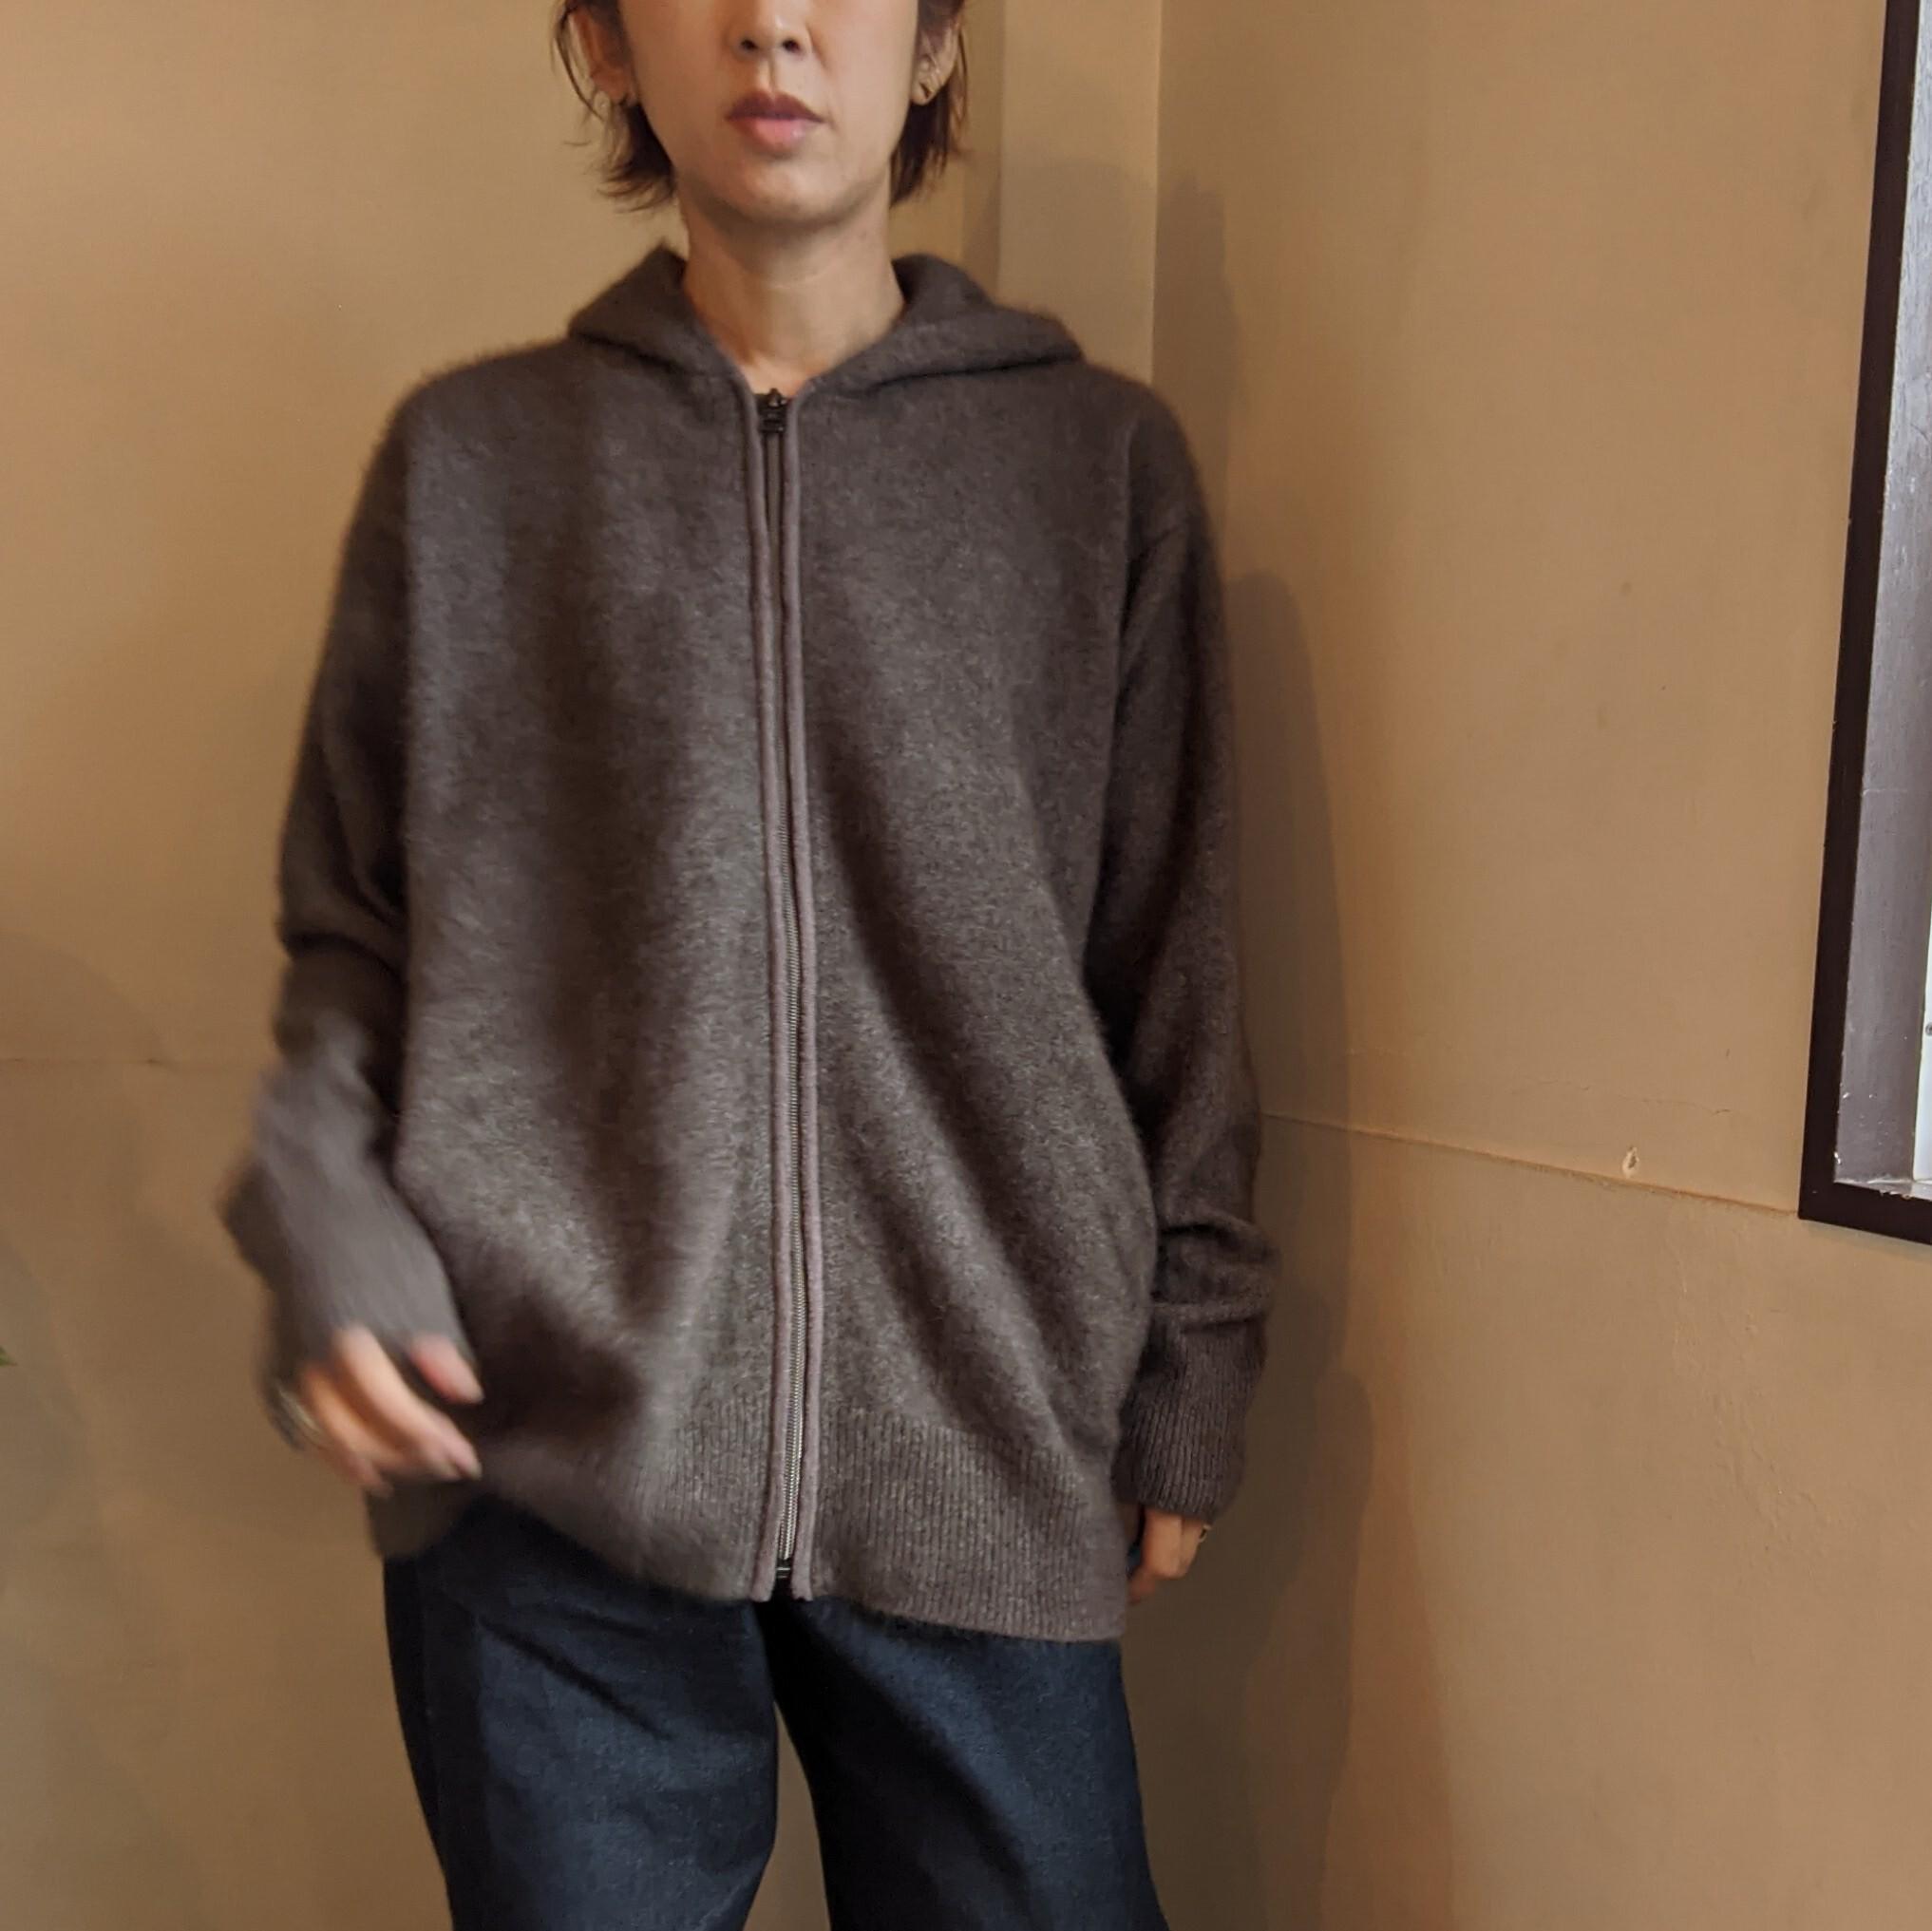 【 C.T.plage 】シーティープラージュ / raccoon wool knit hoodie / ニットパーカー / ラクーンウール